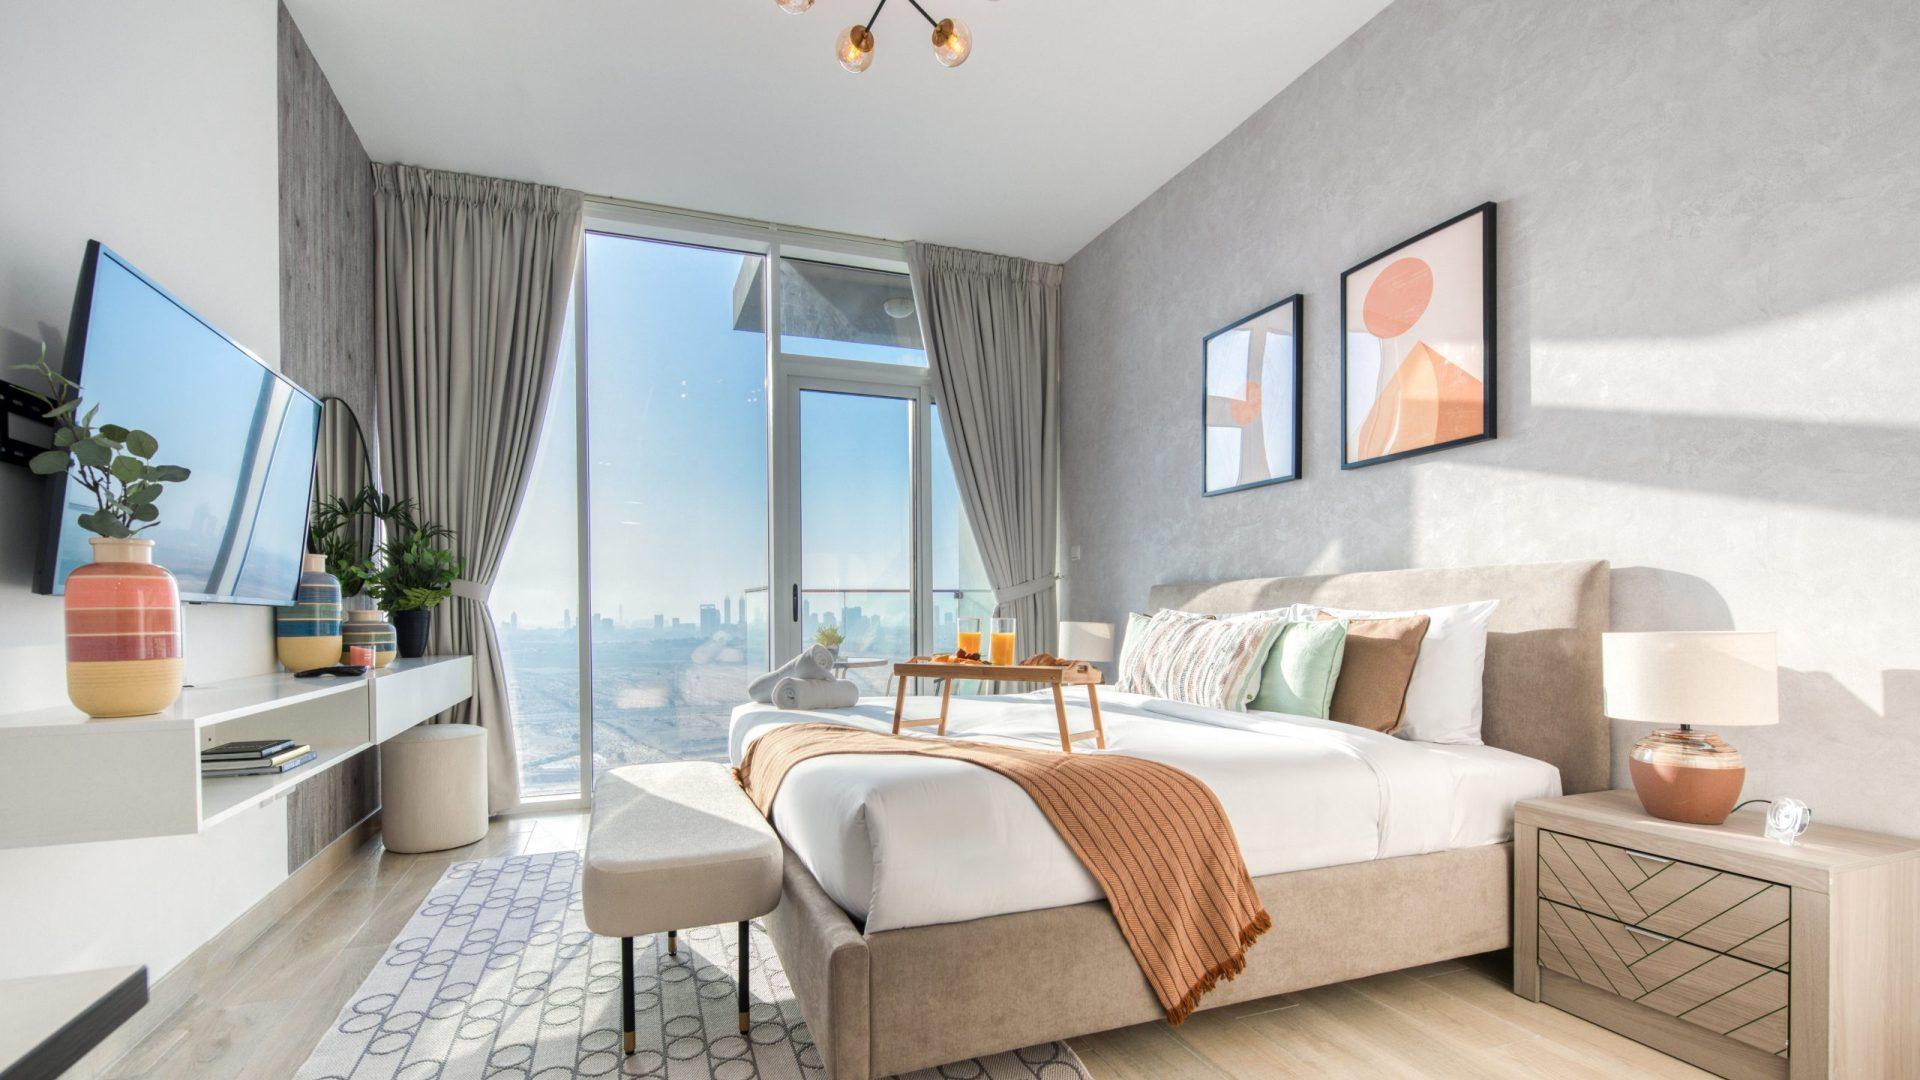 Apartamento en venta en Dubai, EAU, 2 dormitorios, 111 m2, № 24273 – foto 1